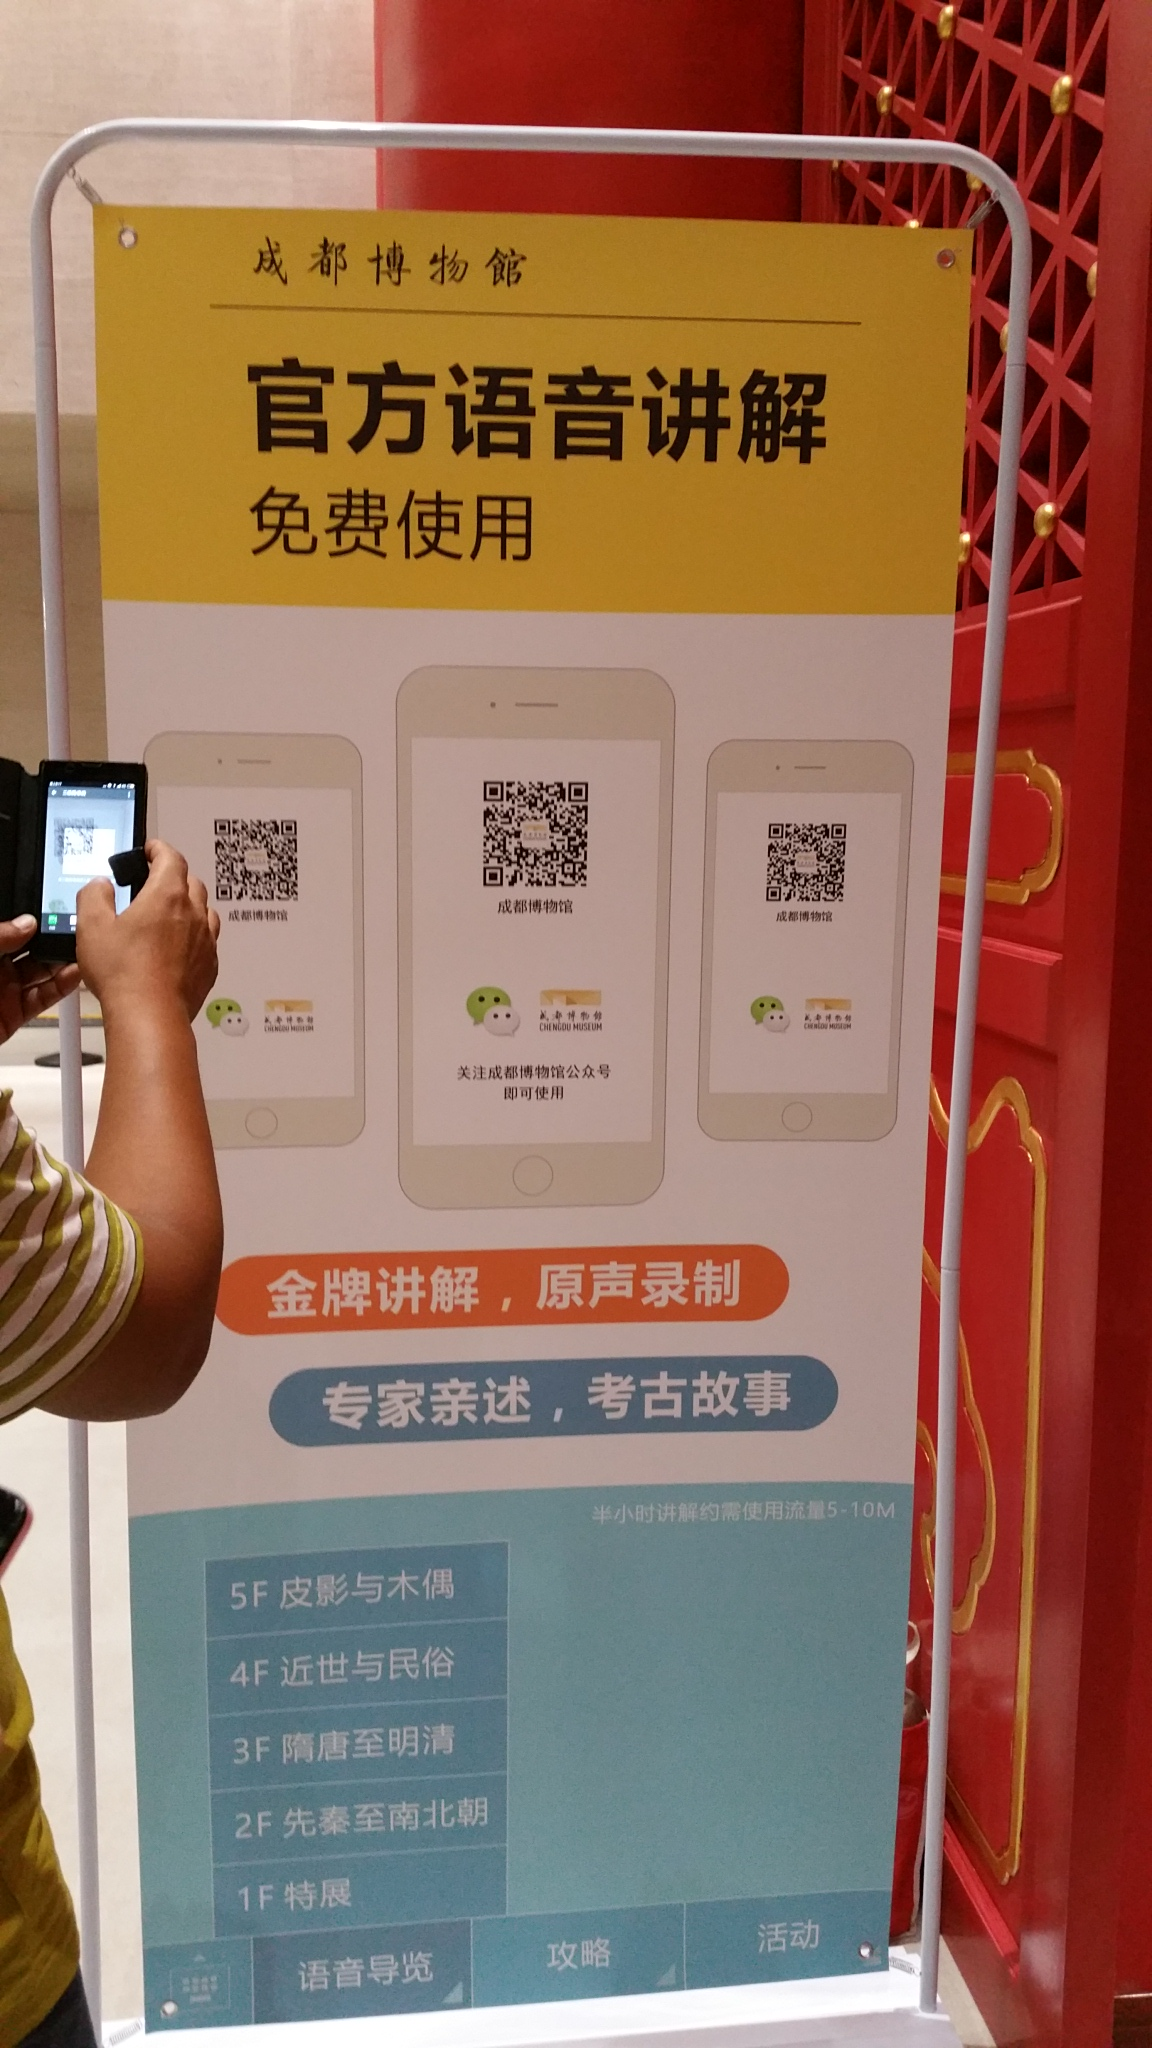 Informació en codis QR al museu de Chengdu